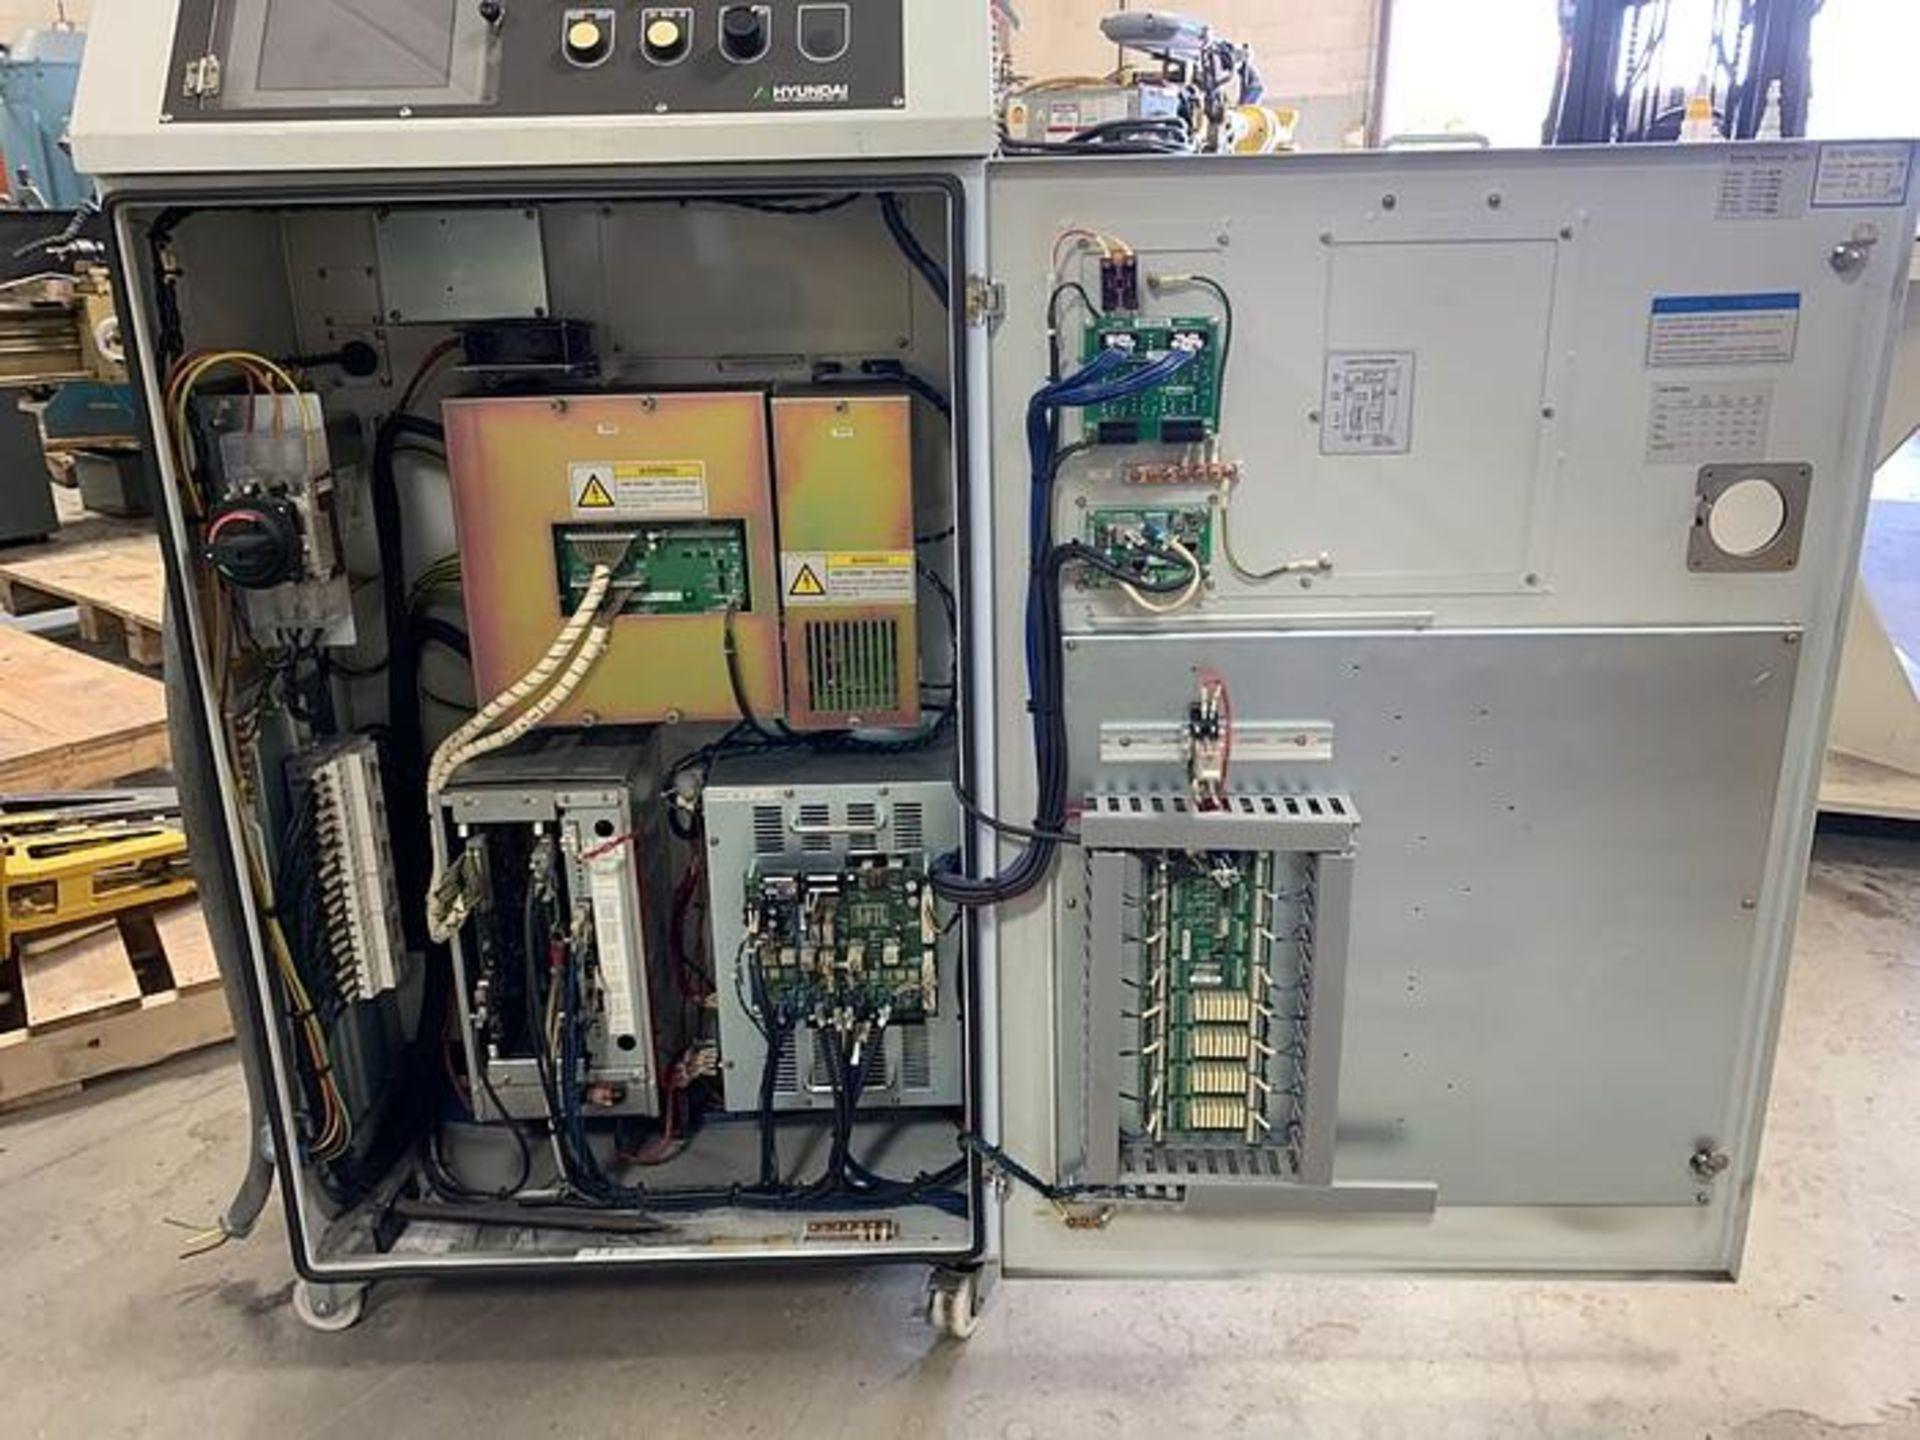 HYUNDIA MODEL HX400 400KG X 2573MM Hi5-N80U CONT. 6 AXIS CNC ROBOT, YEAR 2012, SN HB35-054-572 - Image 6 of 21